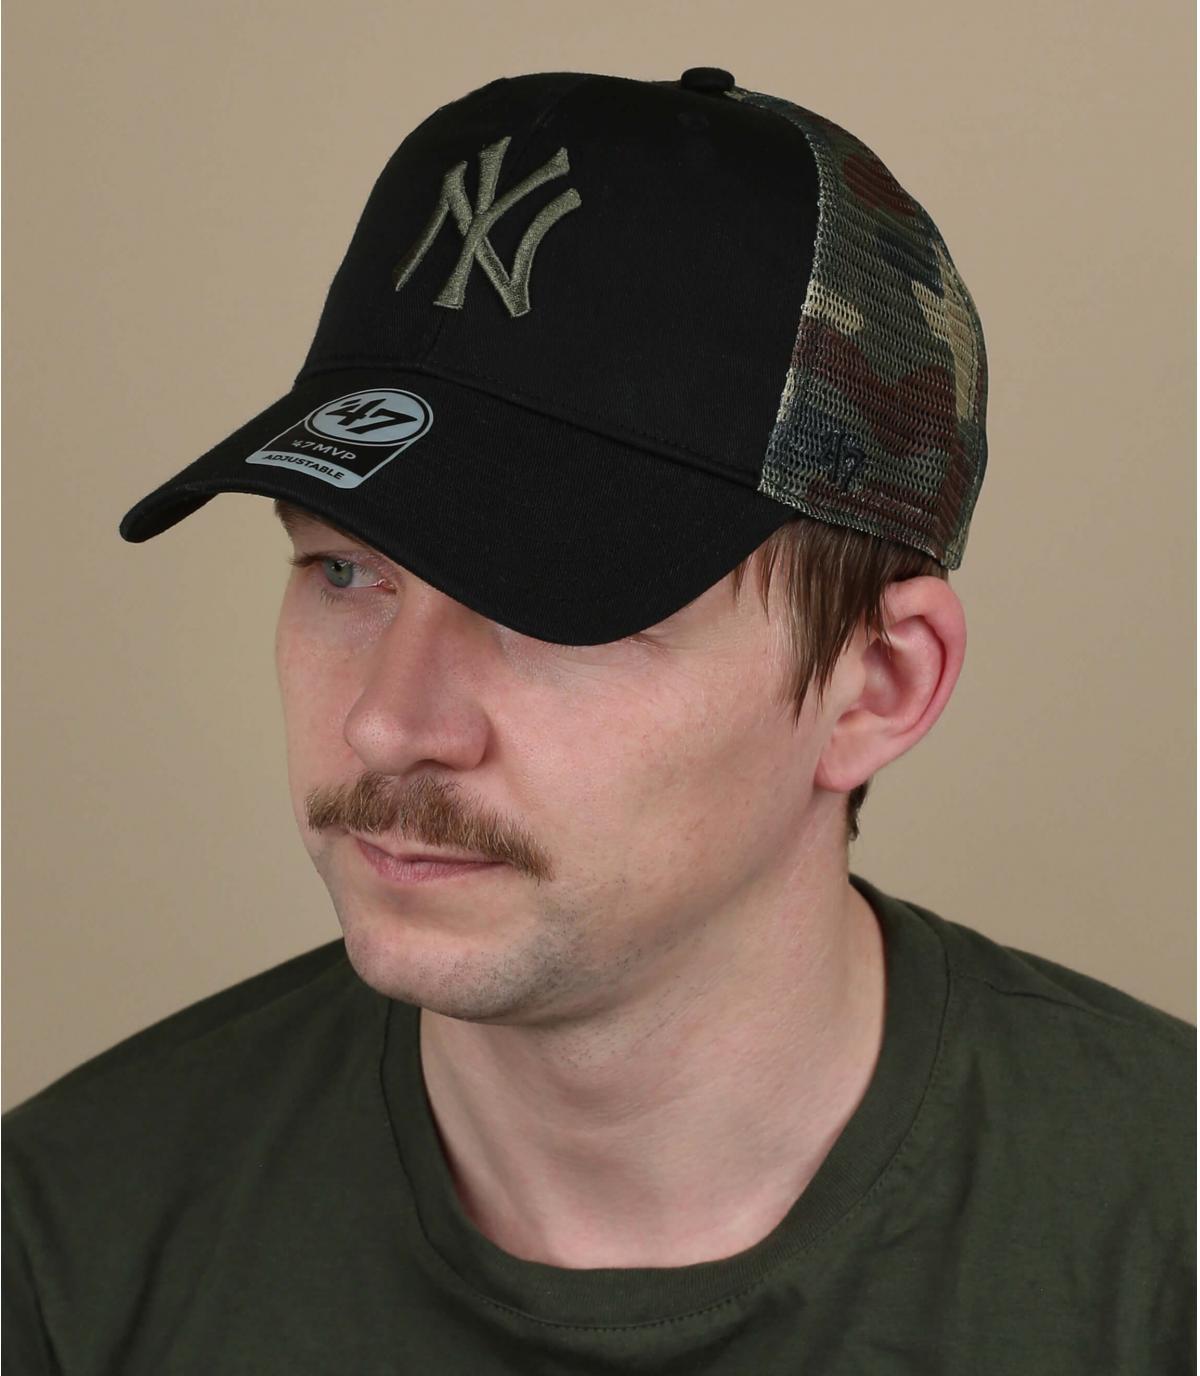 gorra NY negro camo